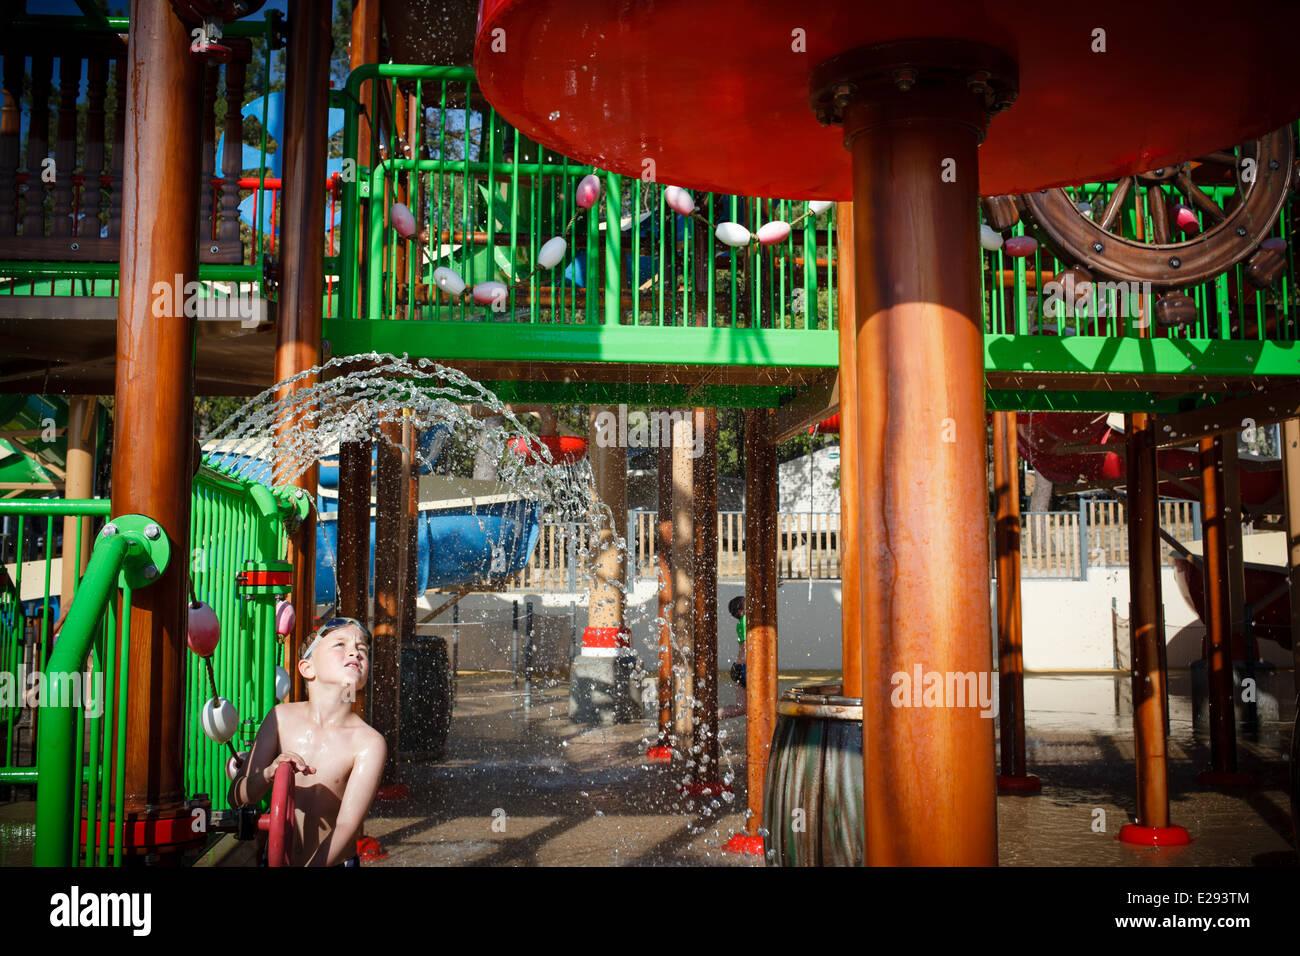 7/6/14 Garçon jouant dans l'eau au parc de camping Côte d'argent, Hourtin-Plage, Gironde, Aquitaine, Photo Stock